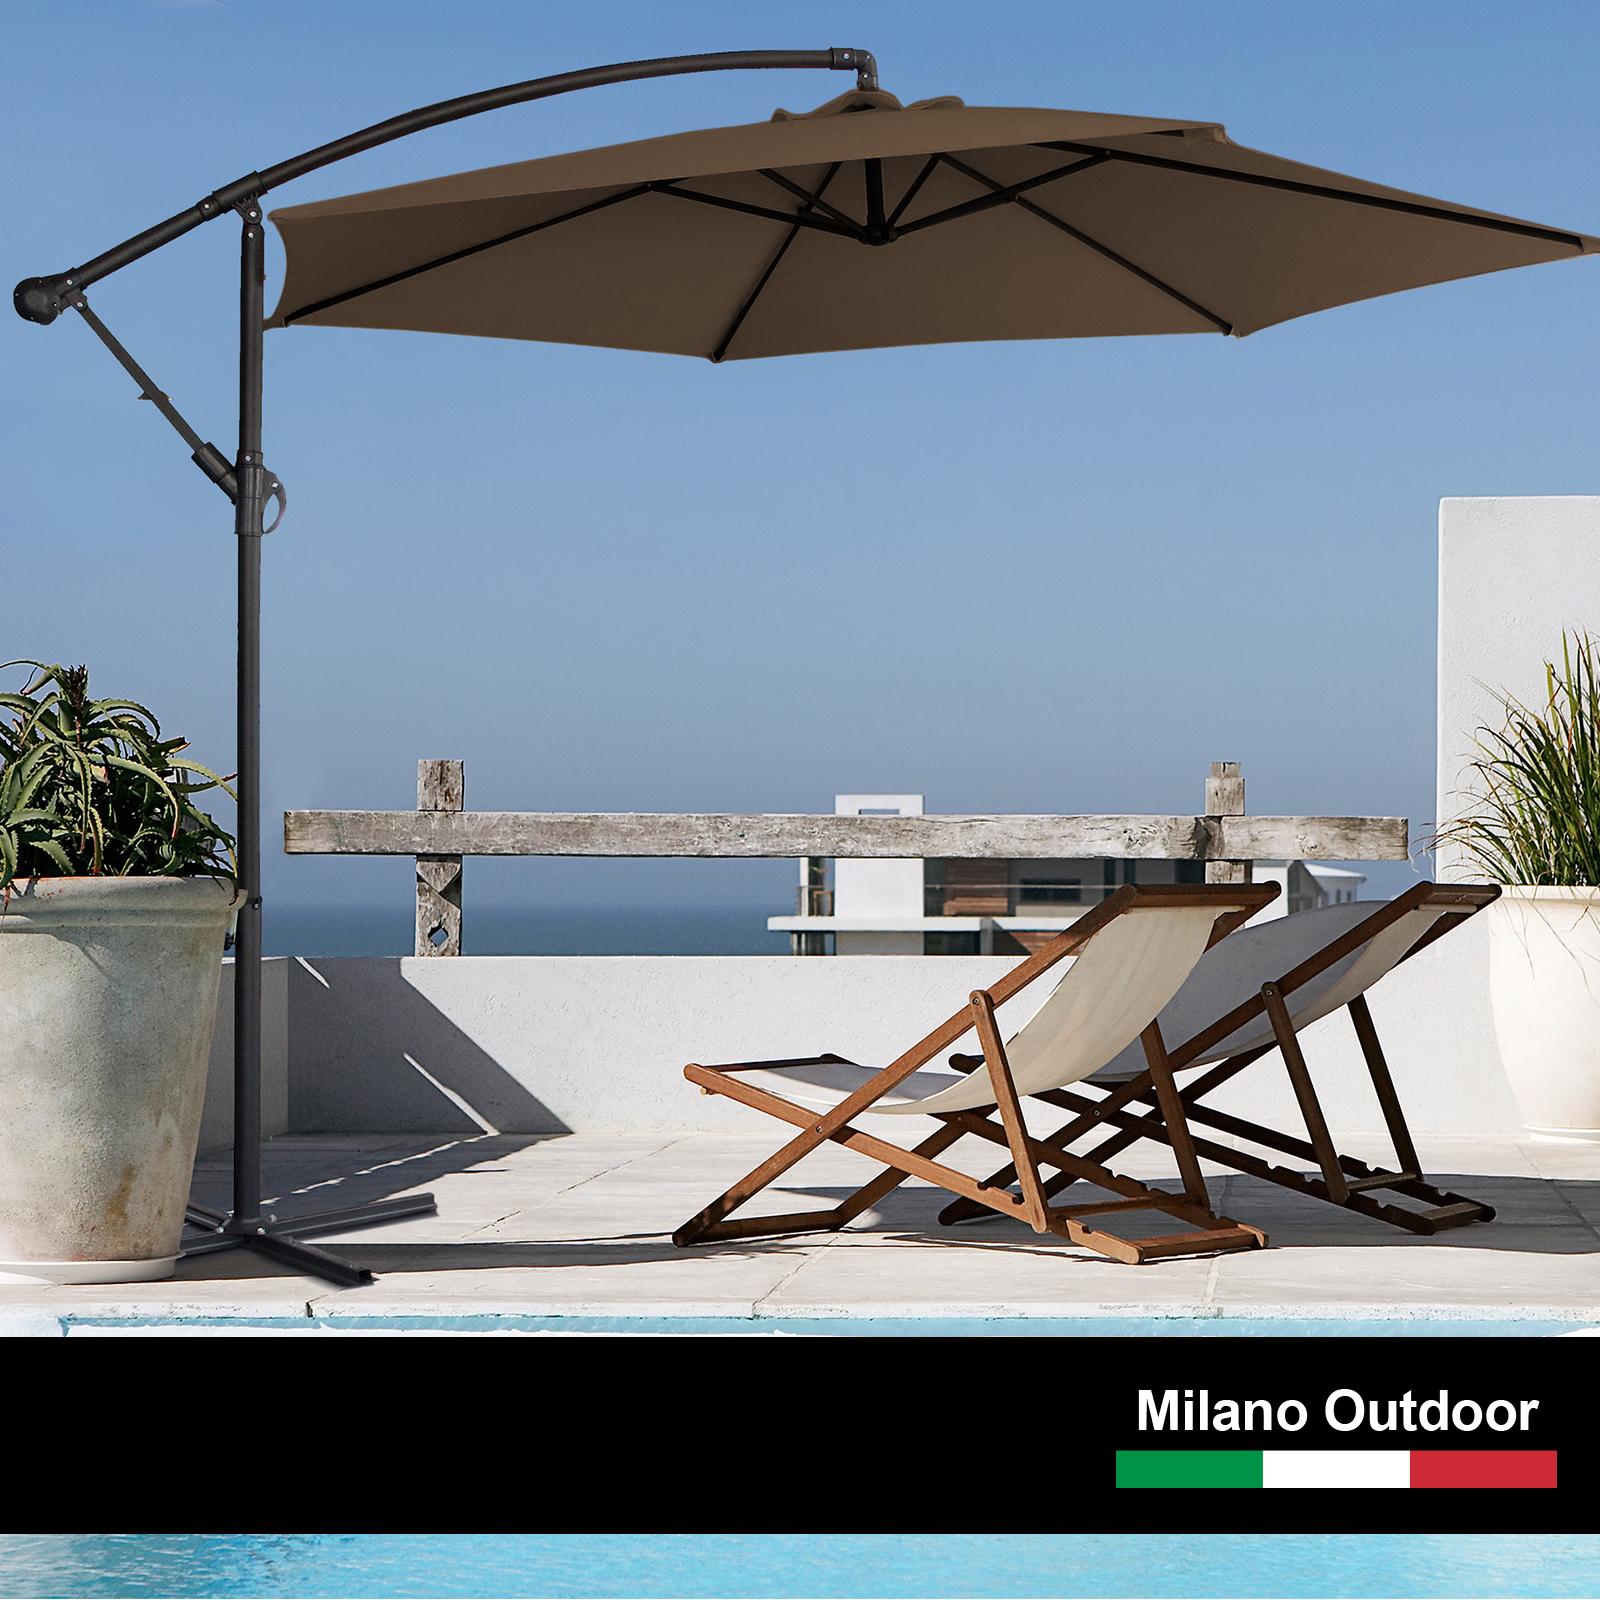 thumbnail 59 - Milano Outdoor 3 Metre Cantilever Umbrella UV Sunshade Garden Patio Deck